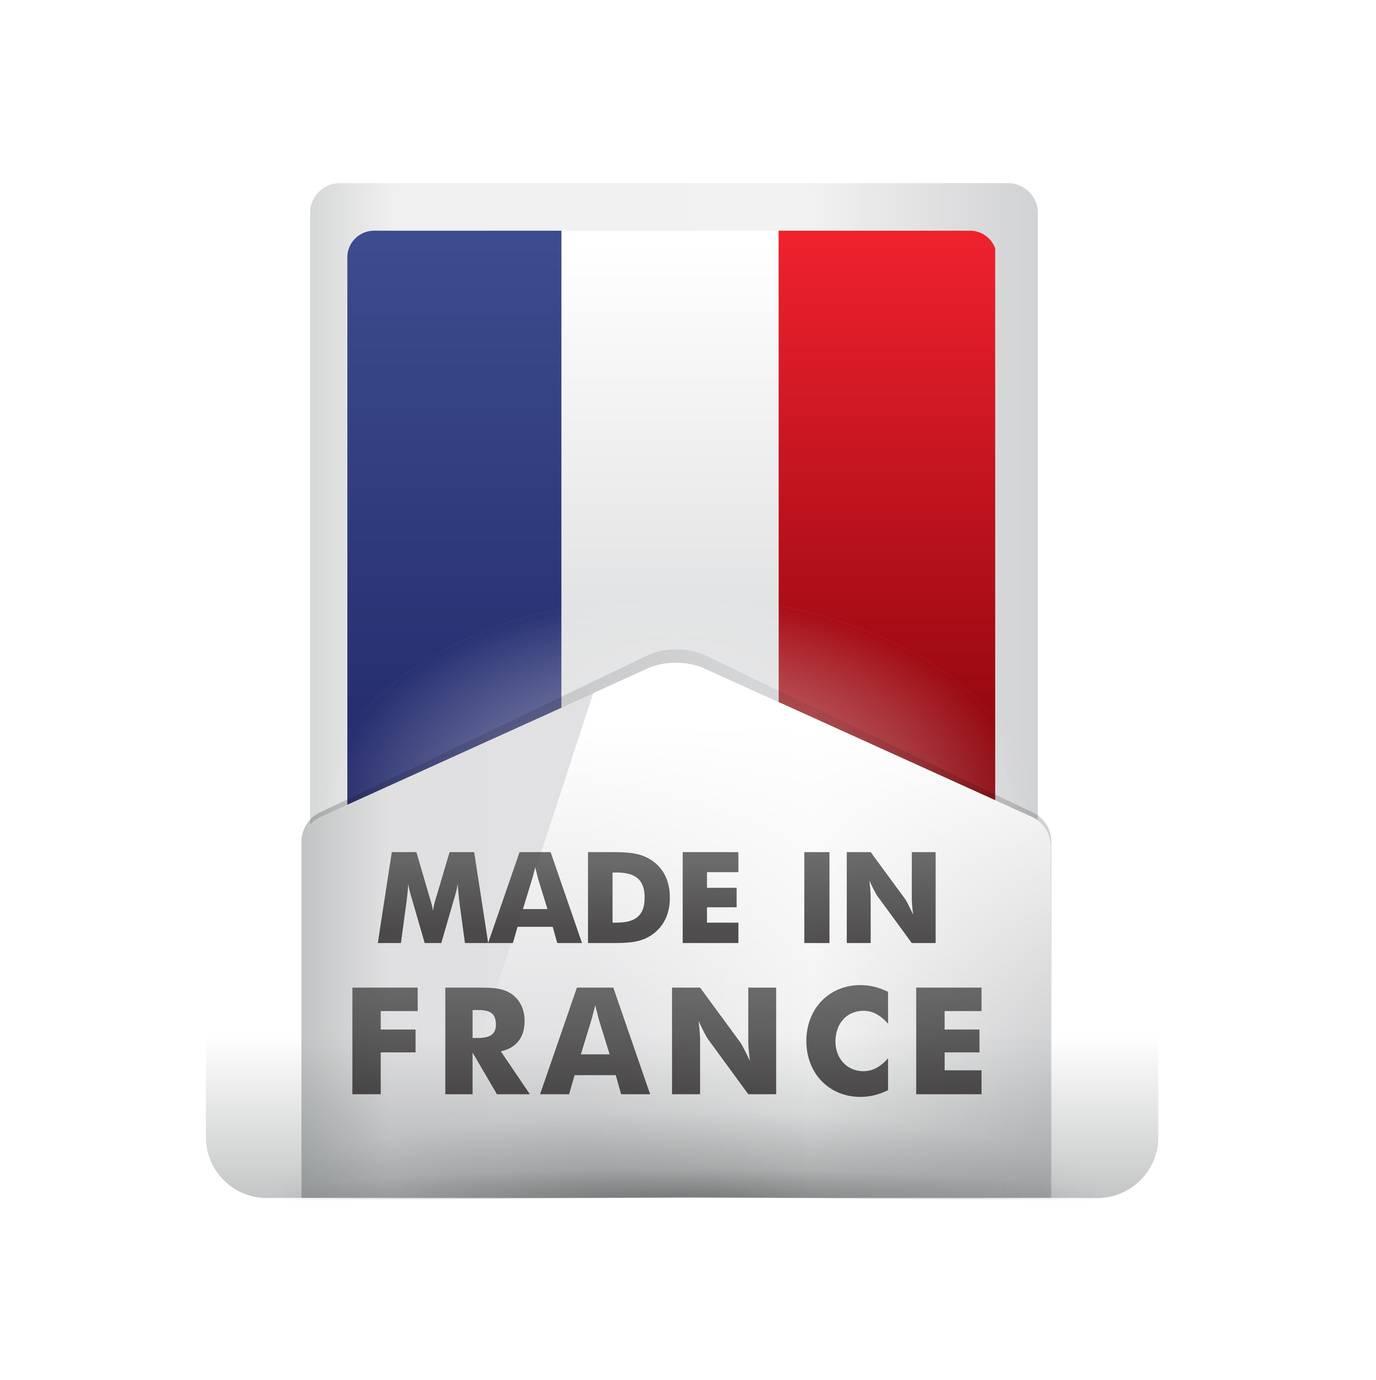 Fabricant français de produits d'étanchéité